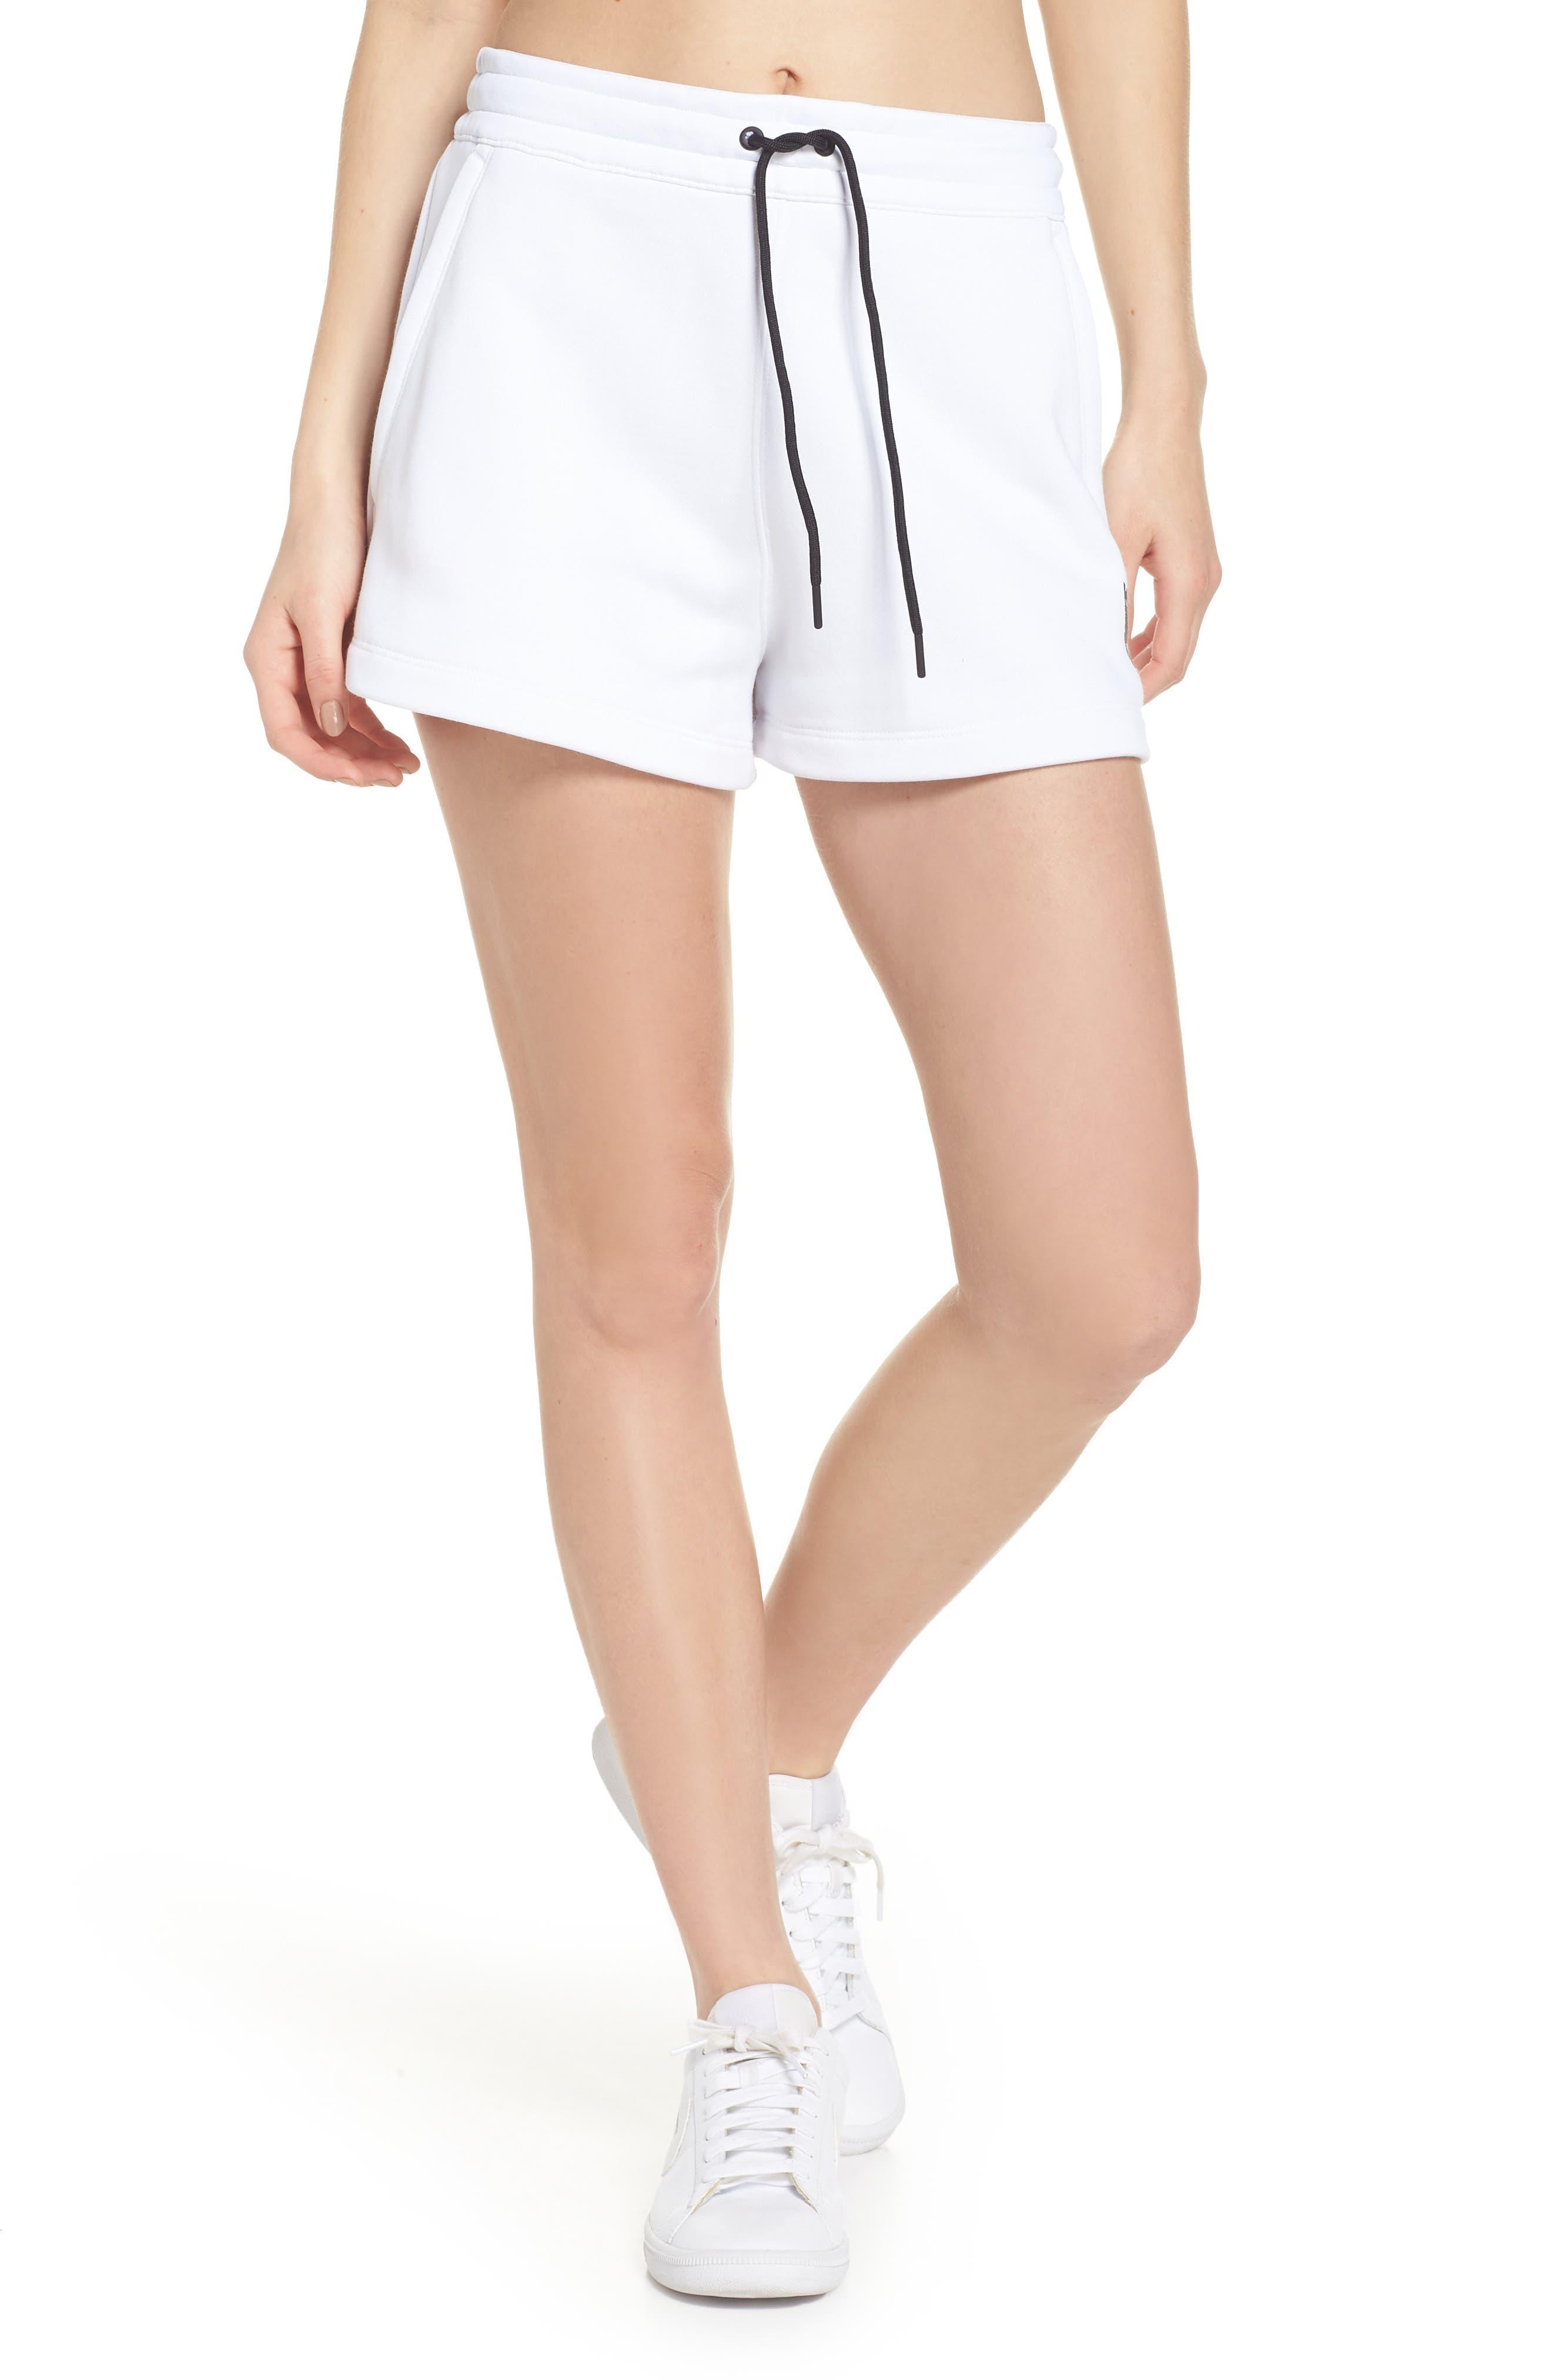 NikeLab Collection Women's Fleece Shorts,                             Main thumbnail 1, color,                             100